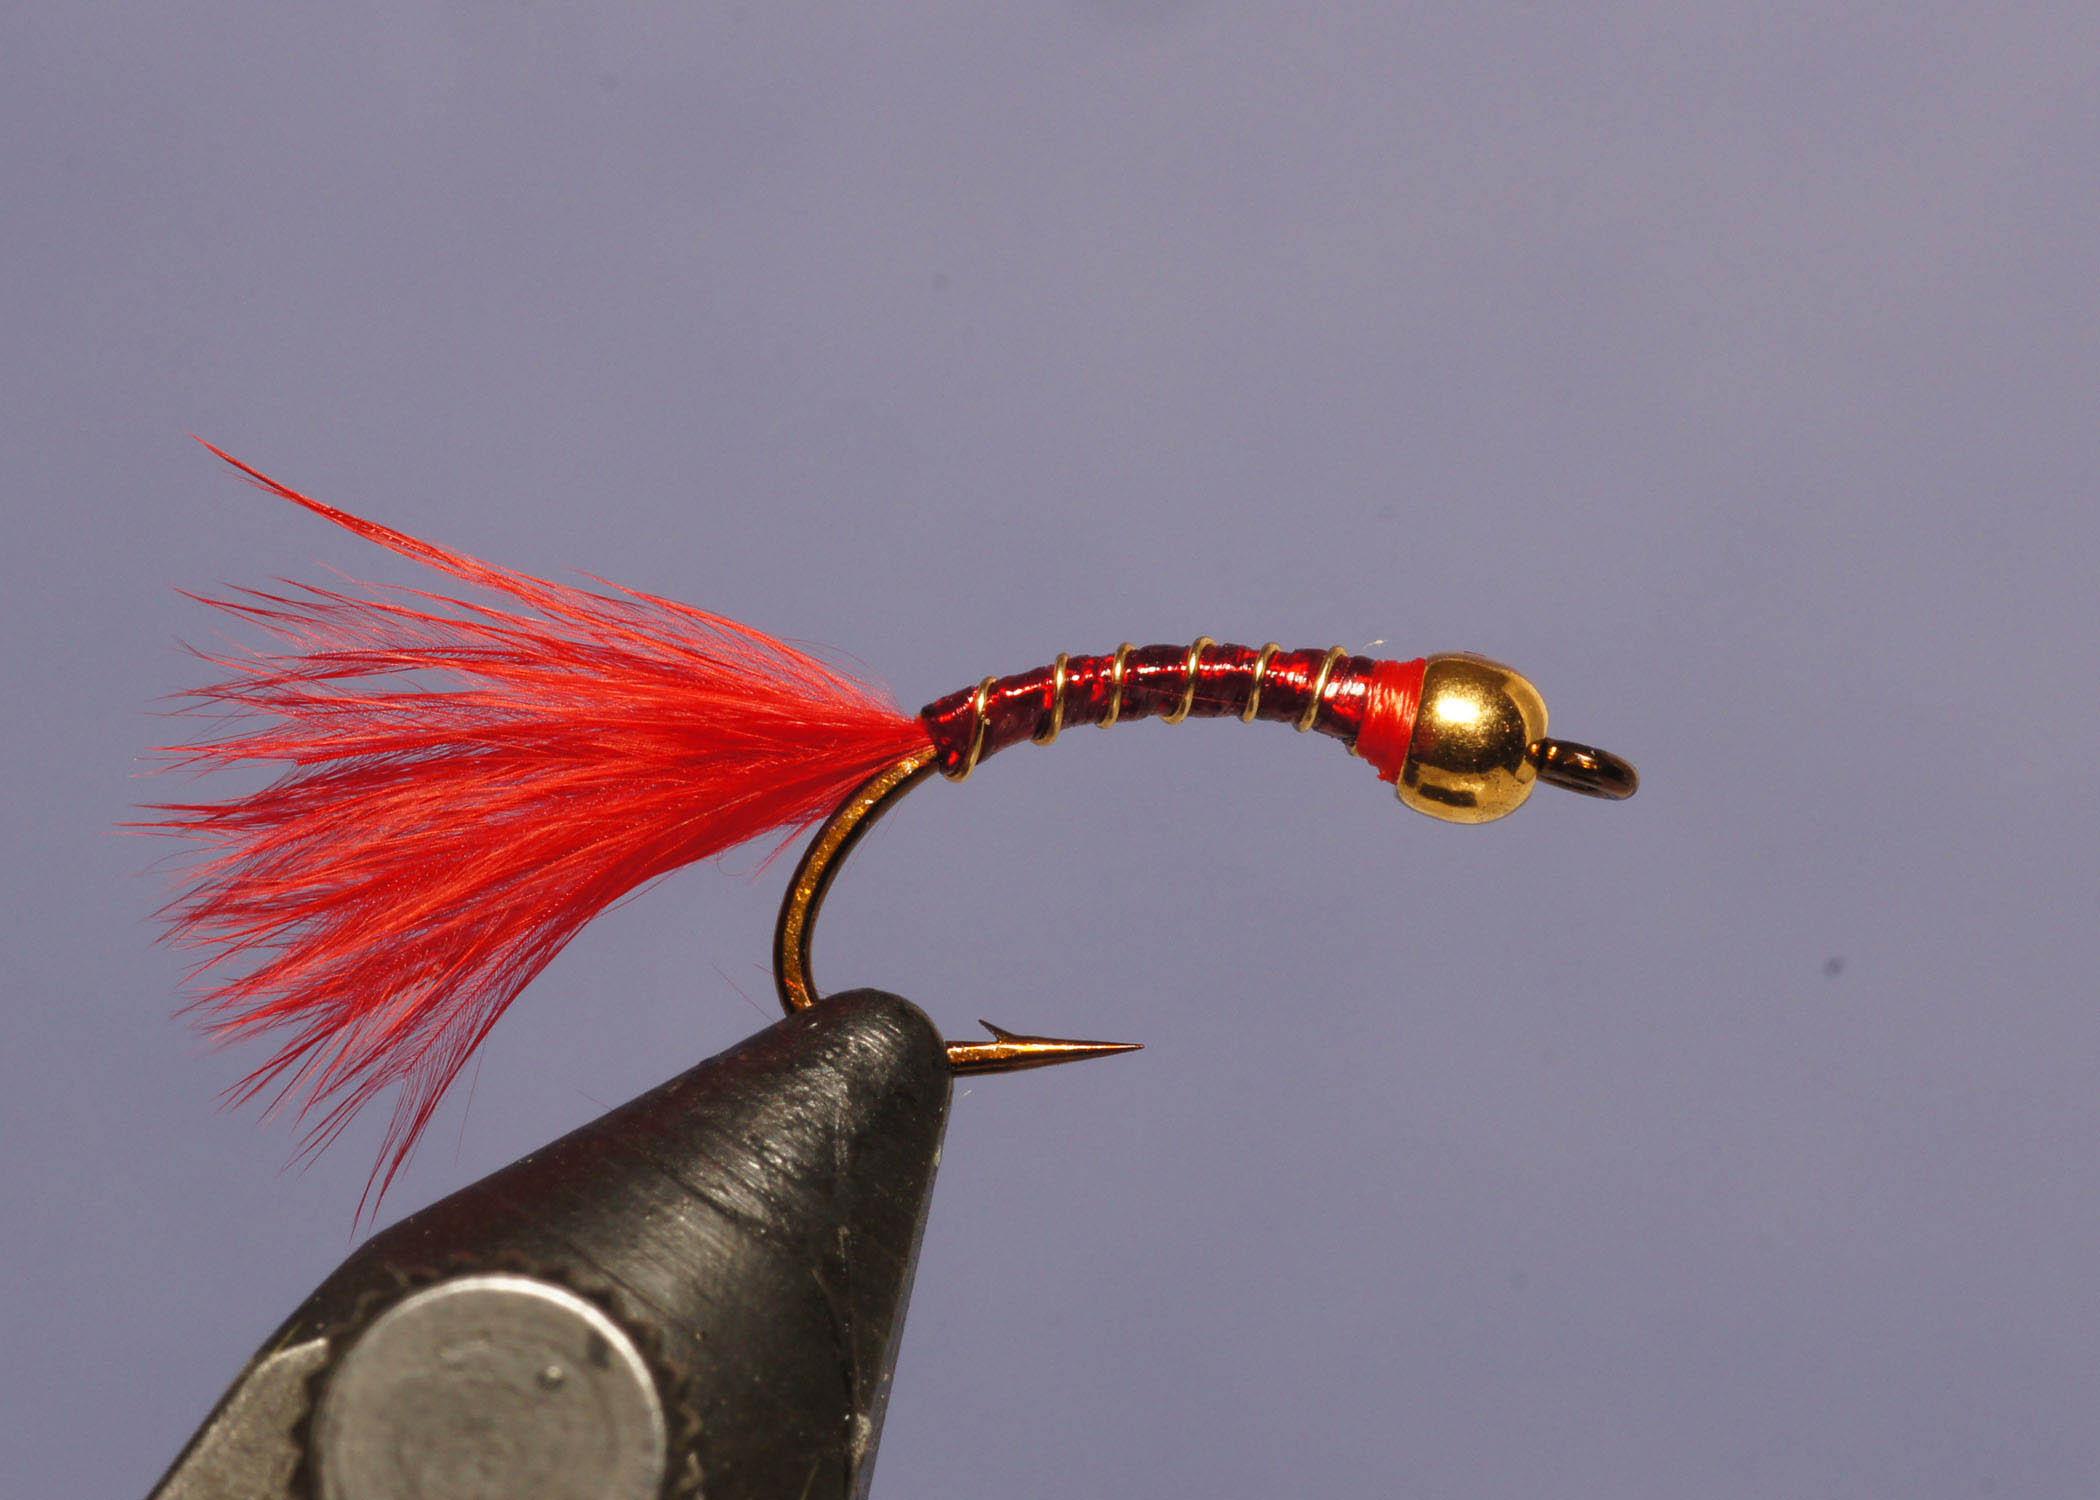 Red Midge Larvae